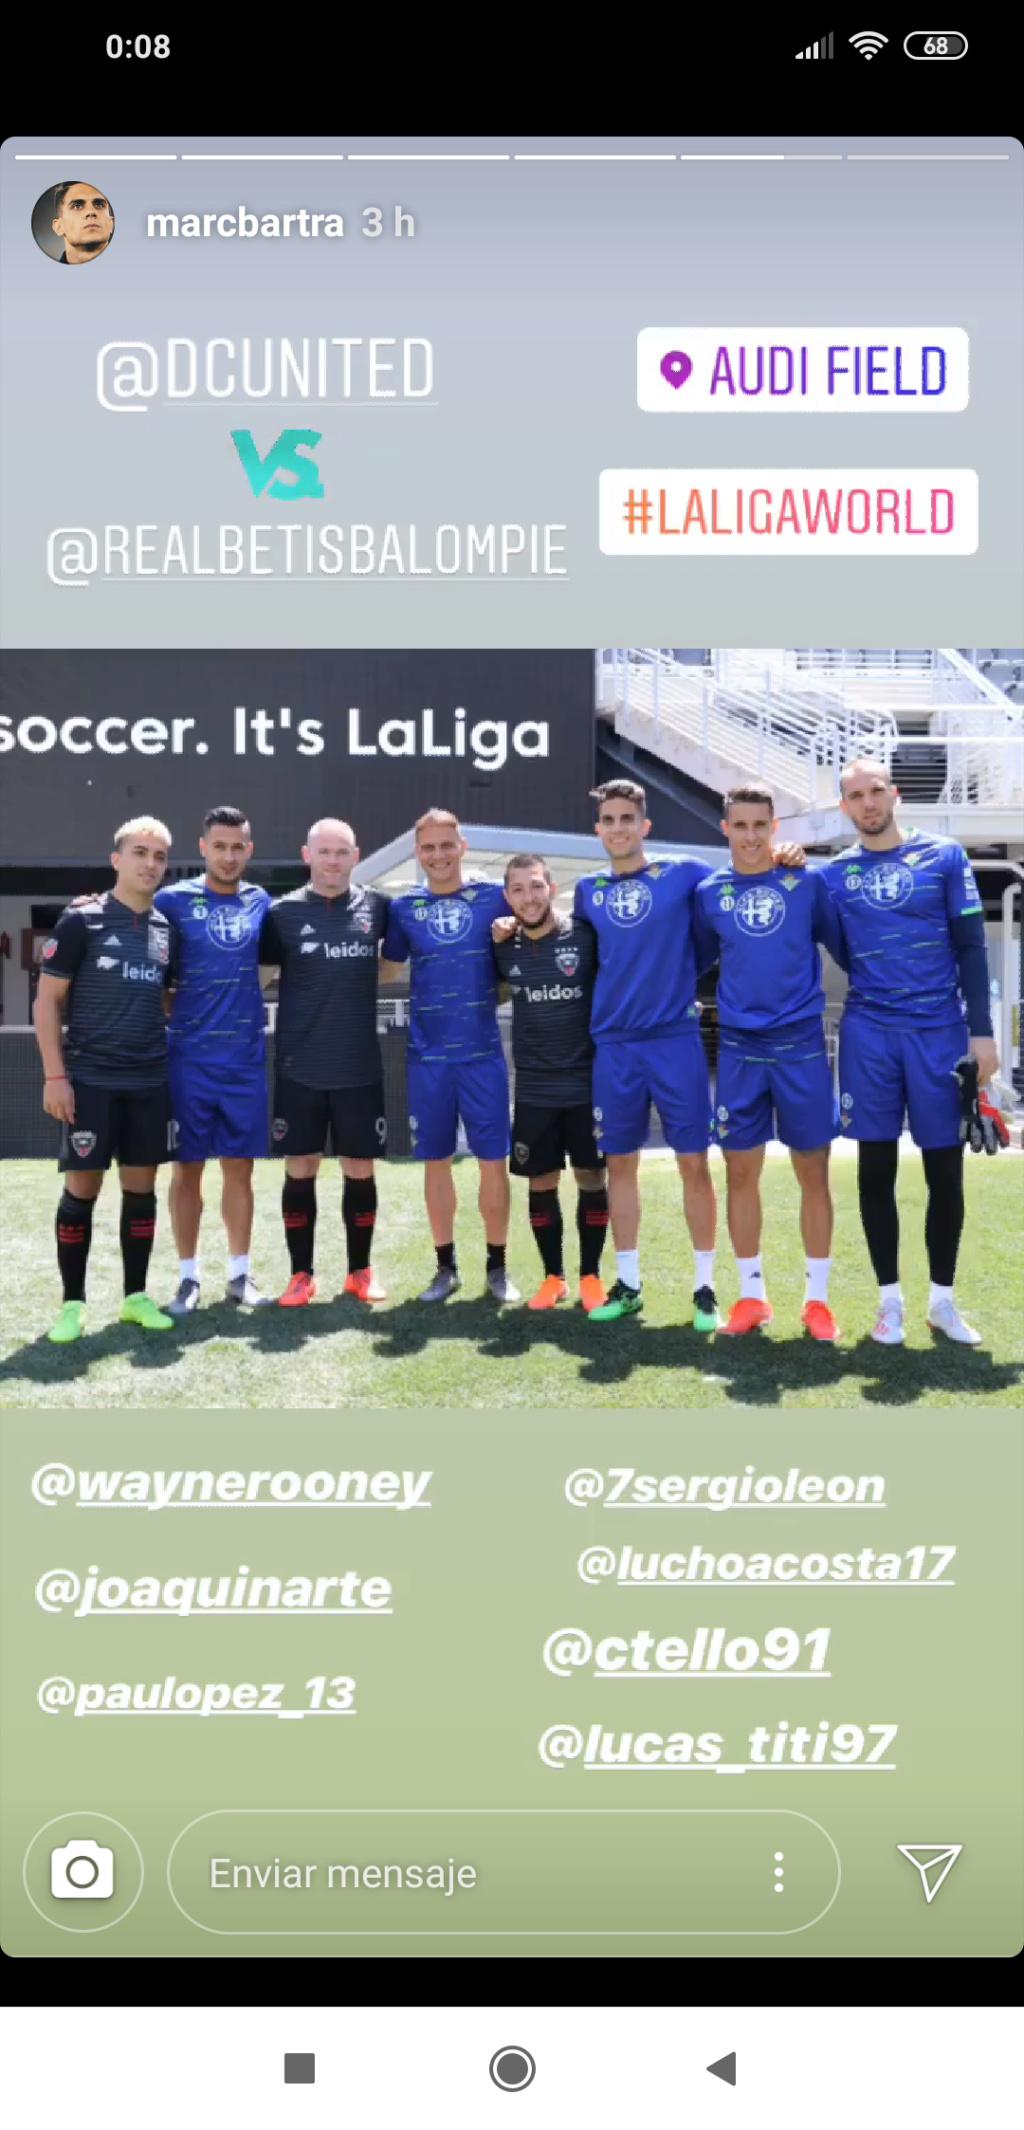 ¿Cuánto mide Joaquín Sánchez? (Futbolista) - Altura - Página 2 Screen31